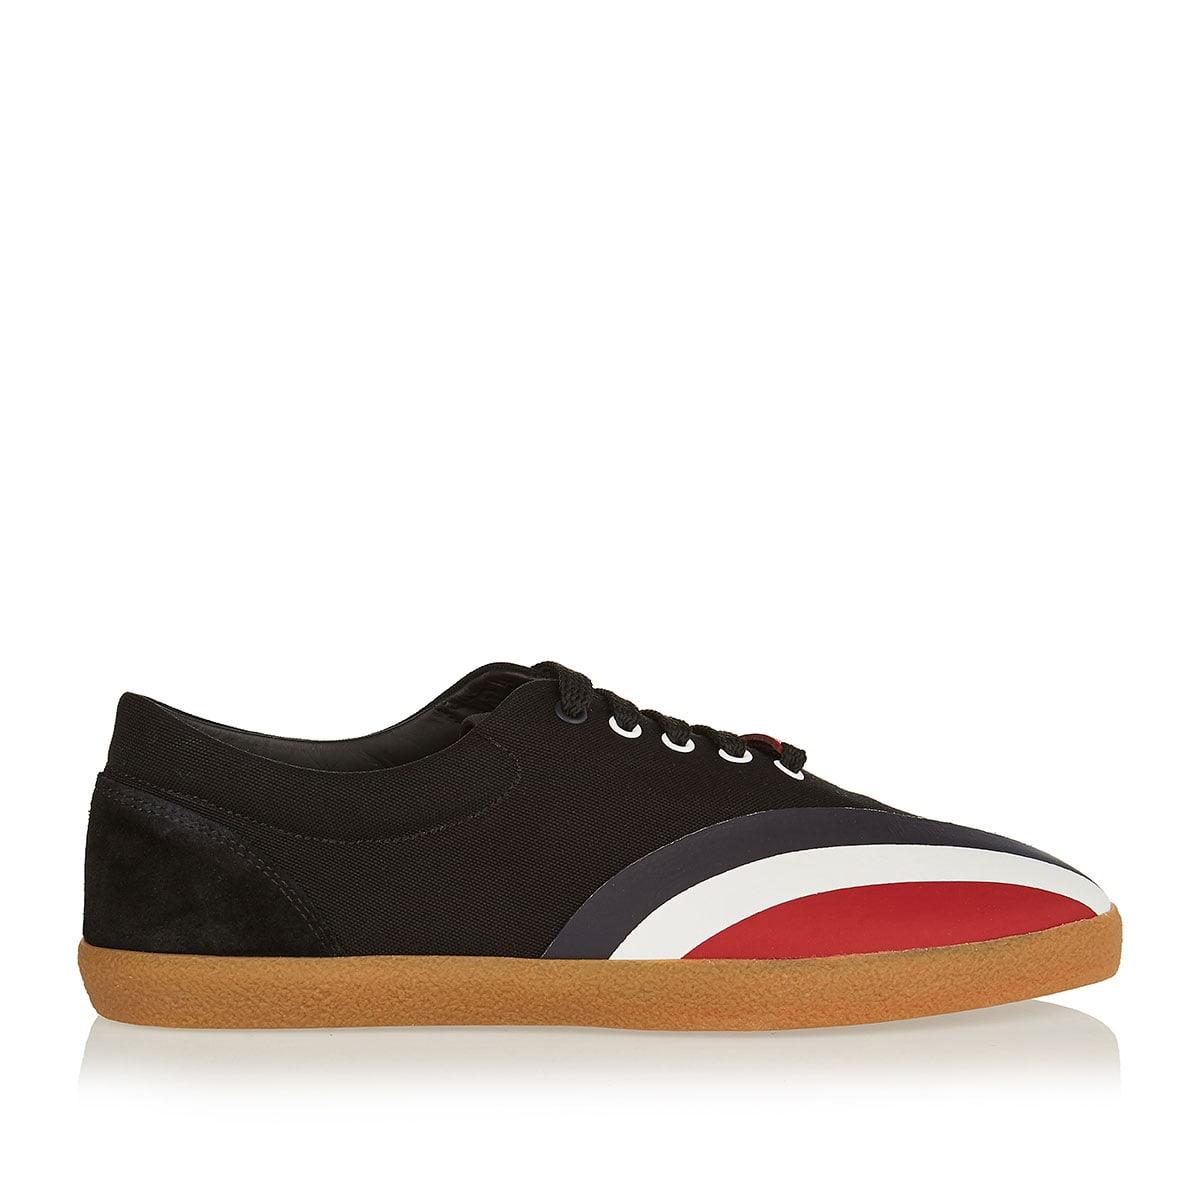 2 Moncler 1952 Regis canvas sneakers